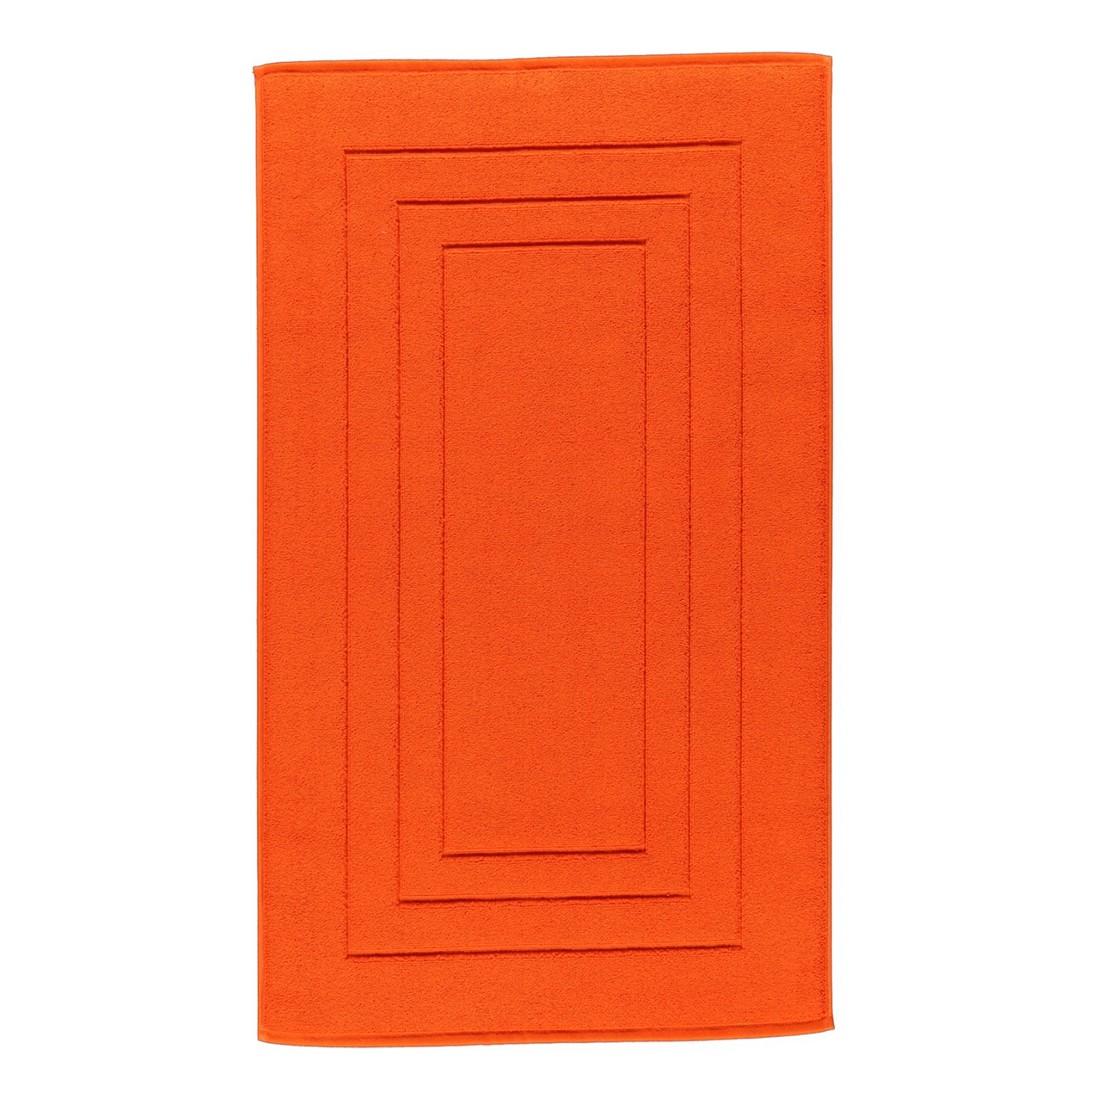 Badteppich Calypso Feeling – 100% Baumwolle mandarine – 352 – 60 x 60 cm, Vossen online bestellen